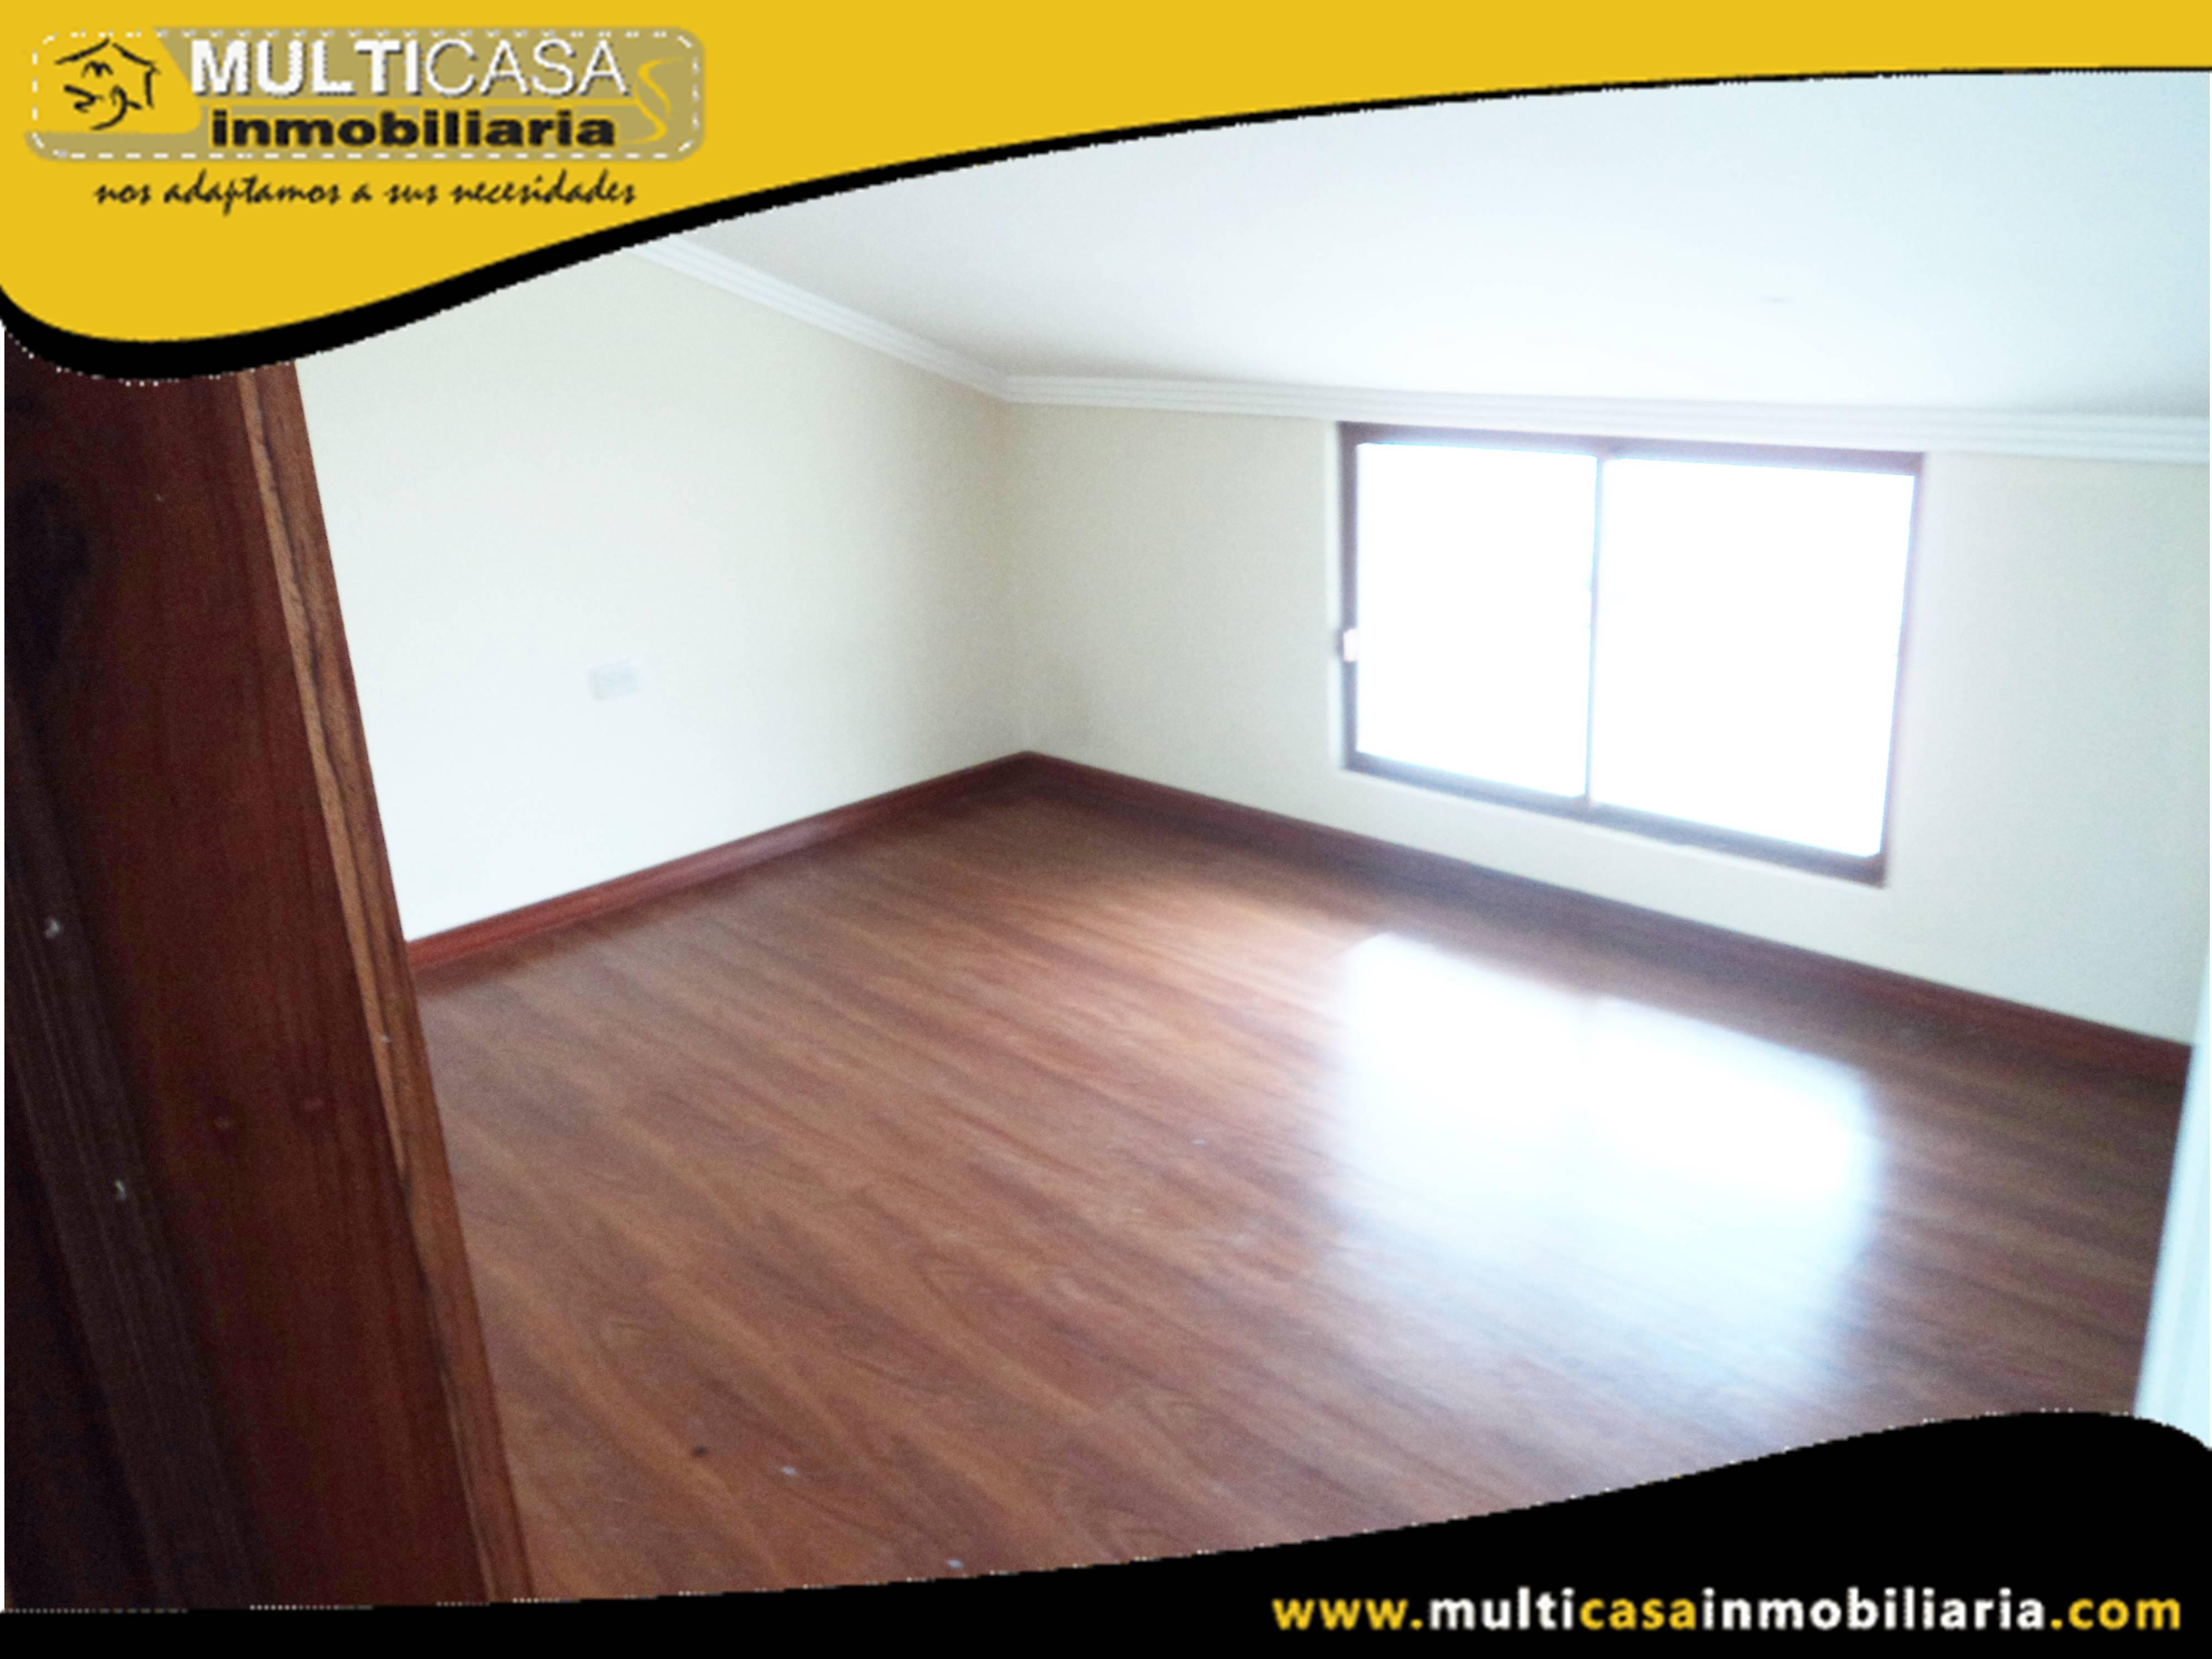 Departamento en Arriendo dos dormitorios Sector Centro de la Ciudad Cuenca-Ecuador